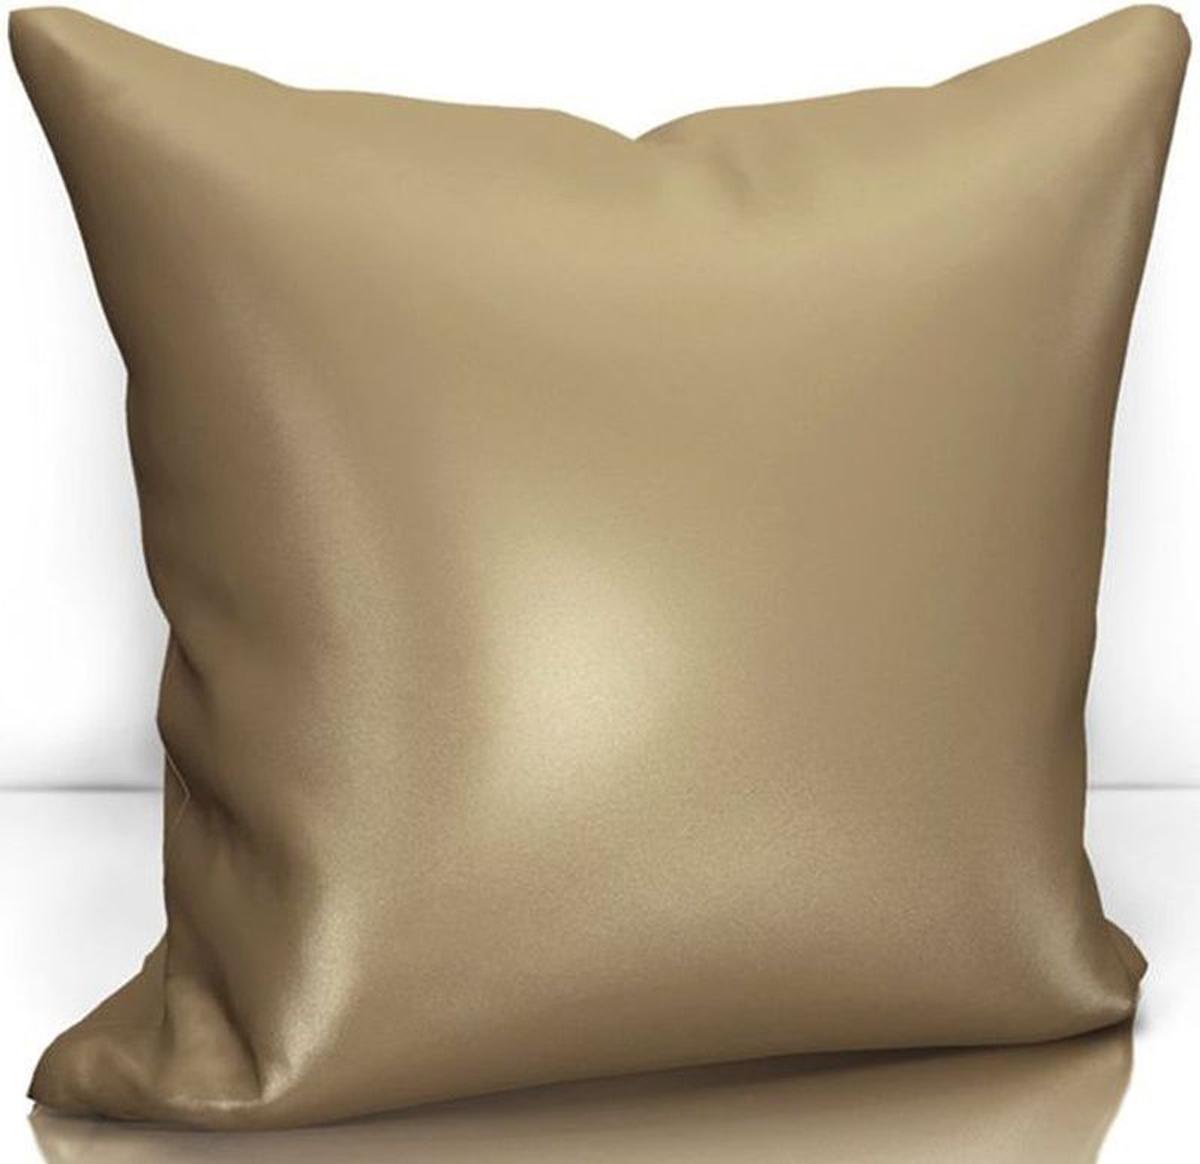 Подушка декоративная KauffOrt Эвелина, цвет: коричневый, 40 х 40 см3122301636Декоративная подушка KauffOrt  прекрасно дополнит интерьер спальни или гостиной. Чехол подушки выполнен из сатена (100% полиэстер). Внутри находится мягкий наполнитель. Чехол легко снимается благодаря потайной молнии.